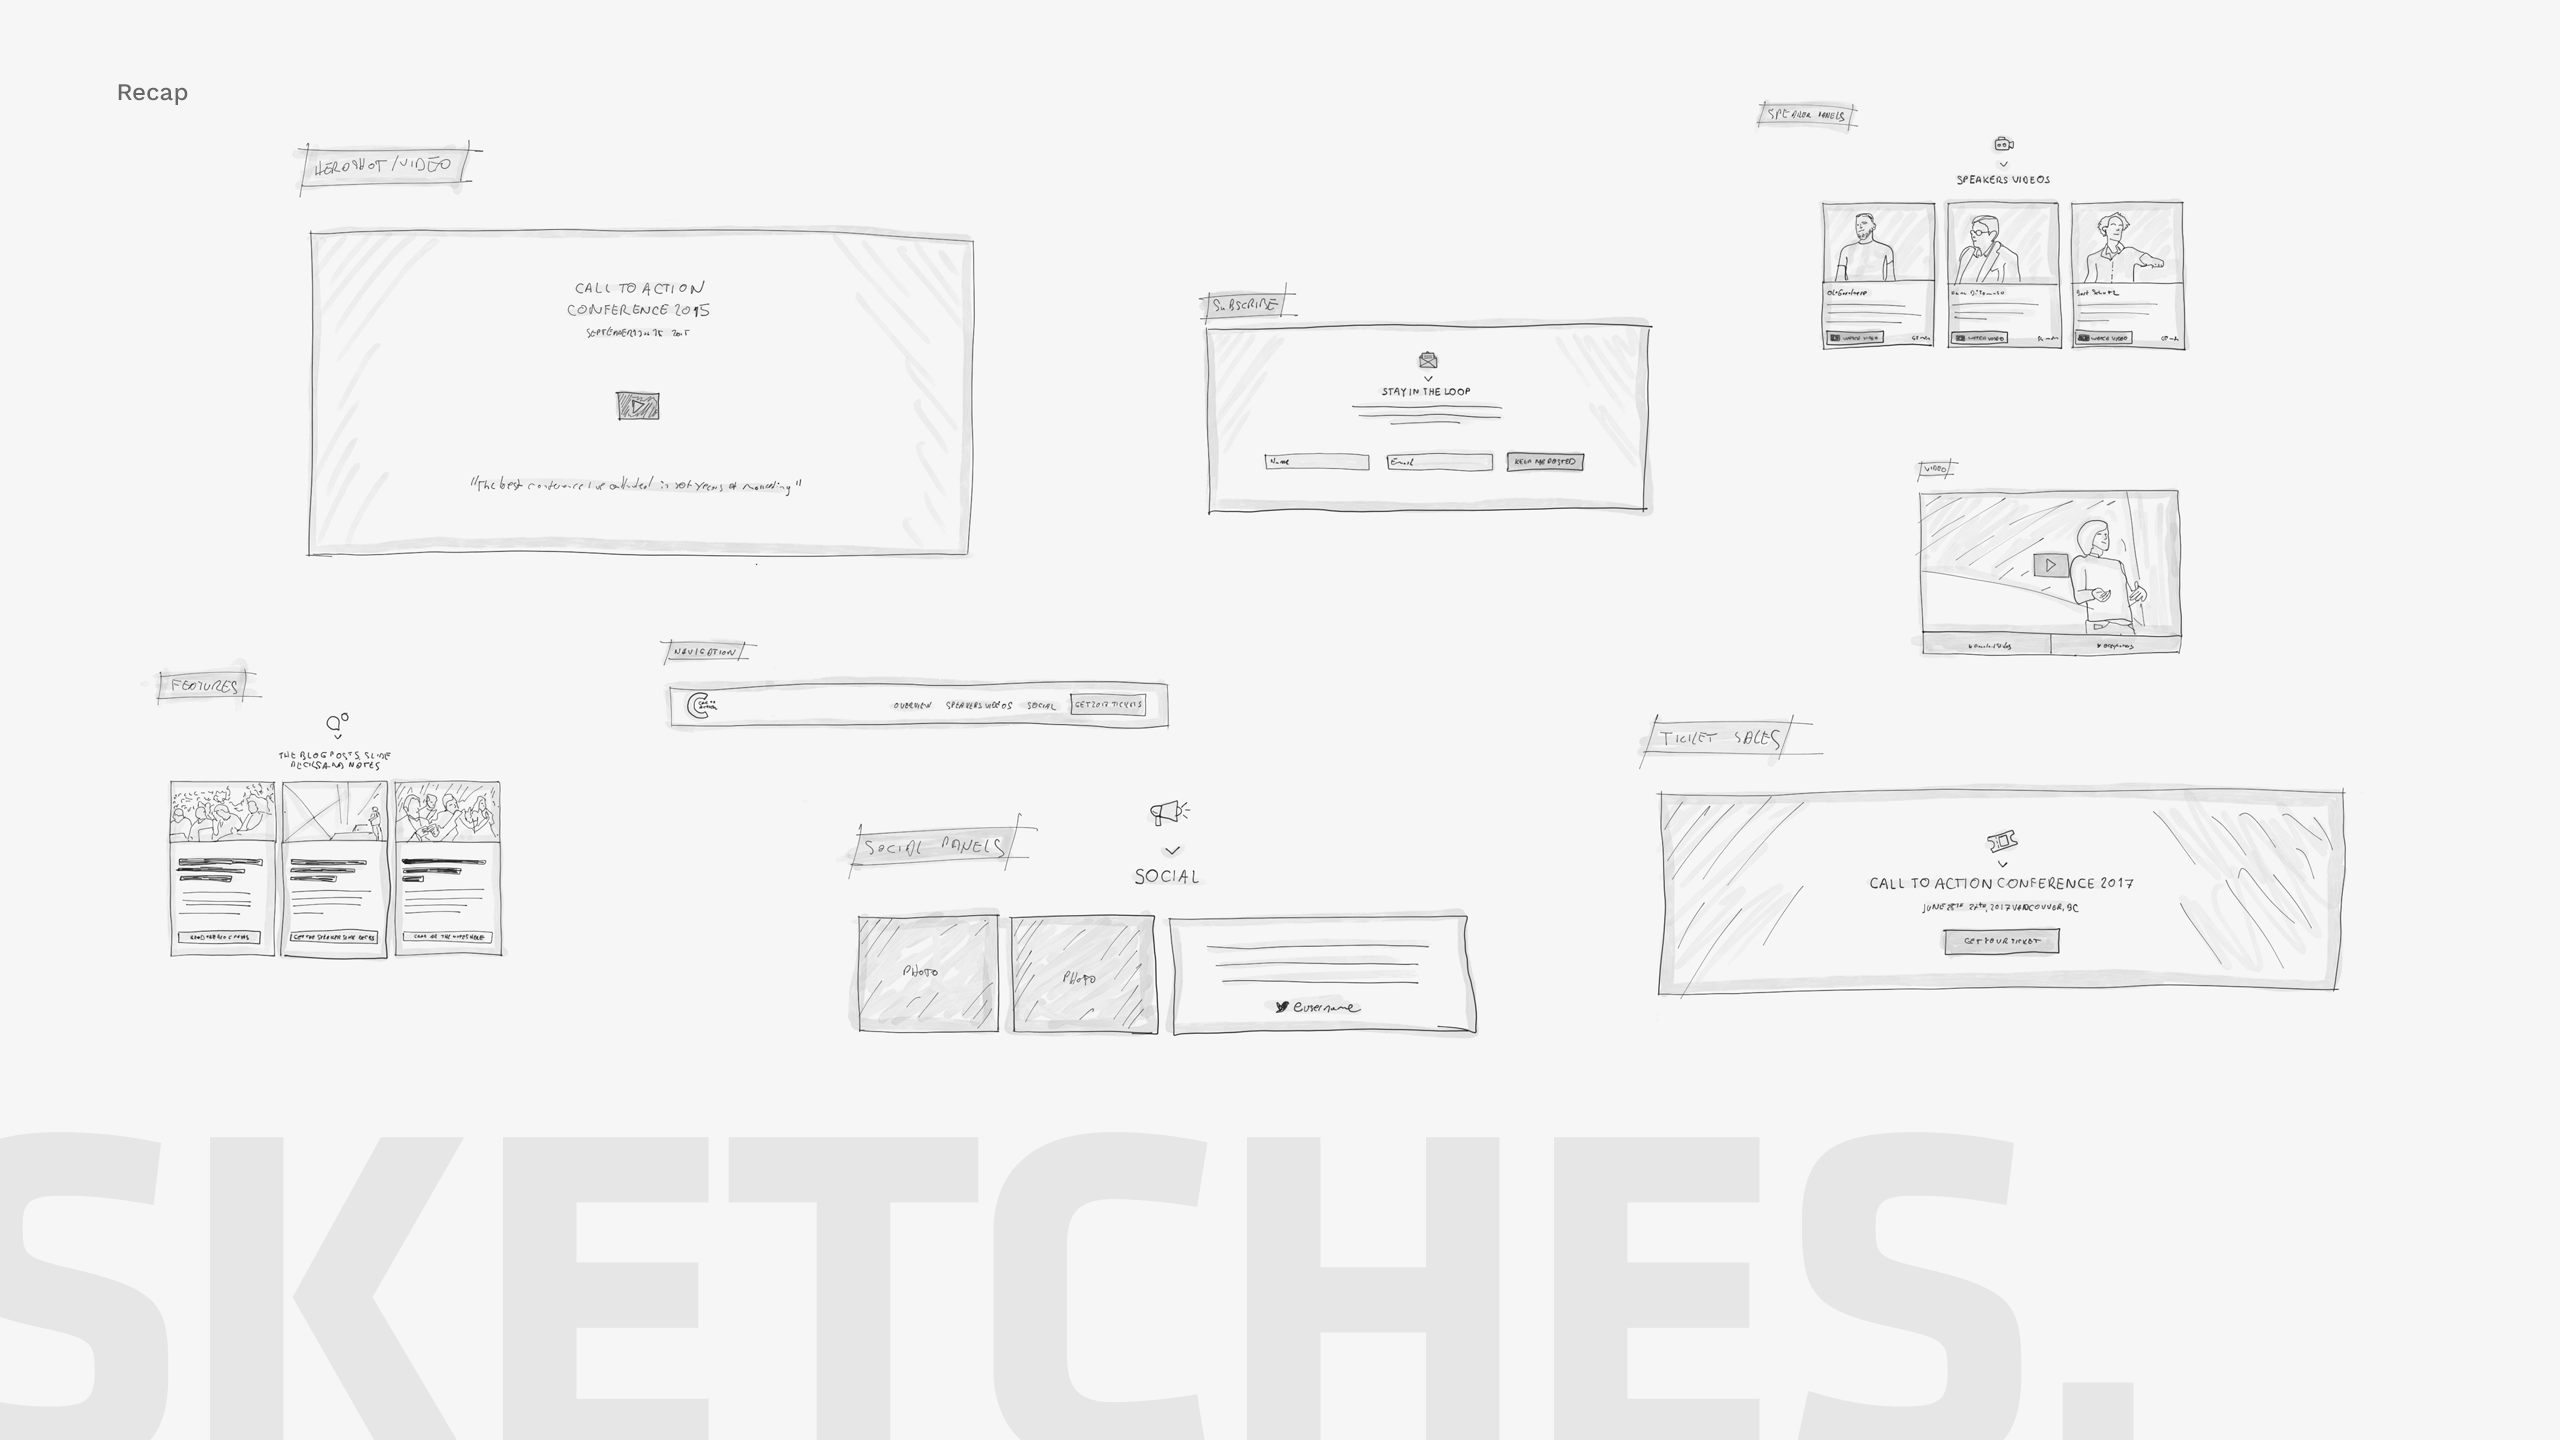 cta-conf-sketches-02